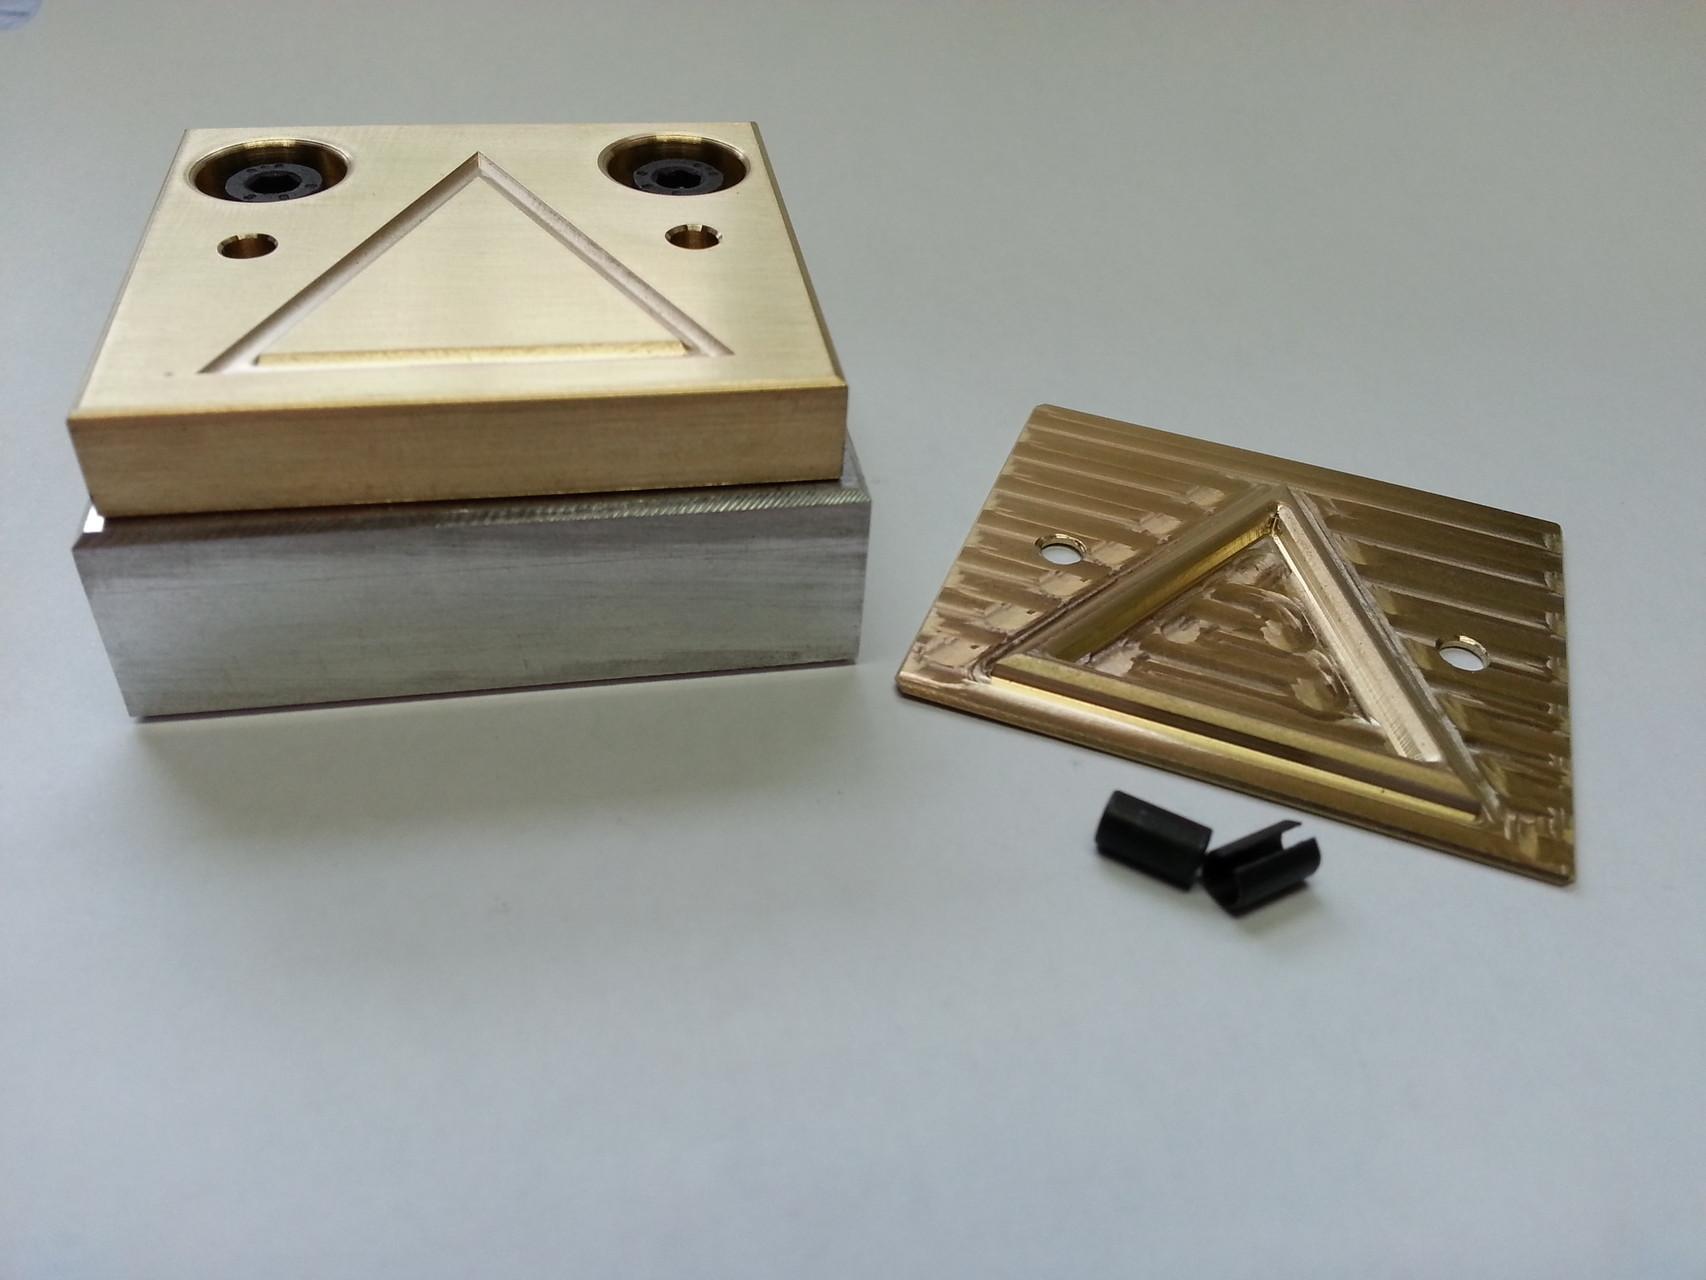 Blindprägestempel mit Aluminium-Fundament und Patrize aus Messing